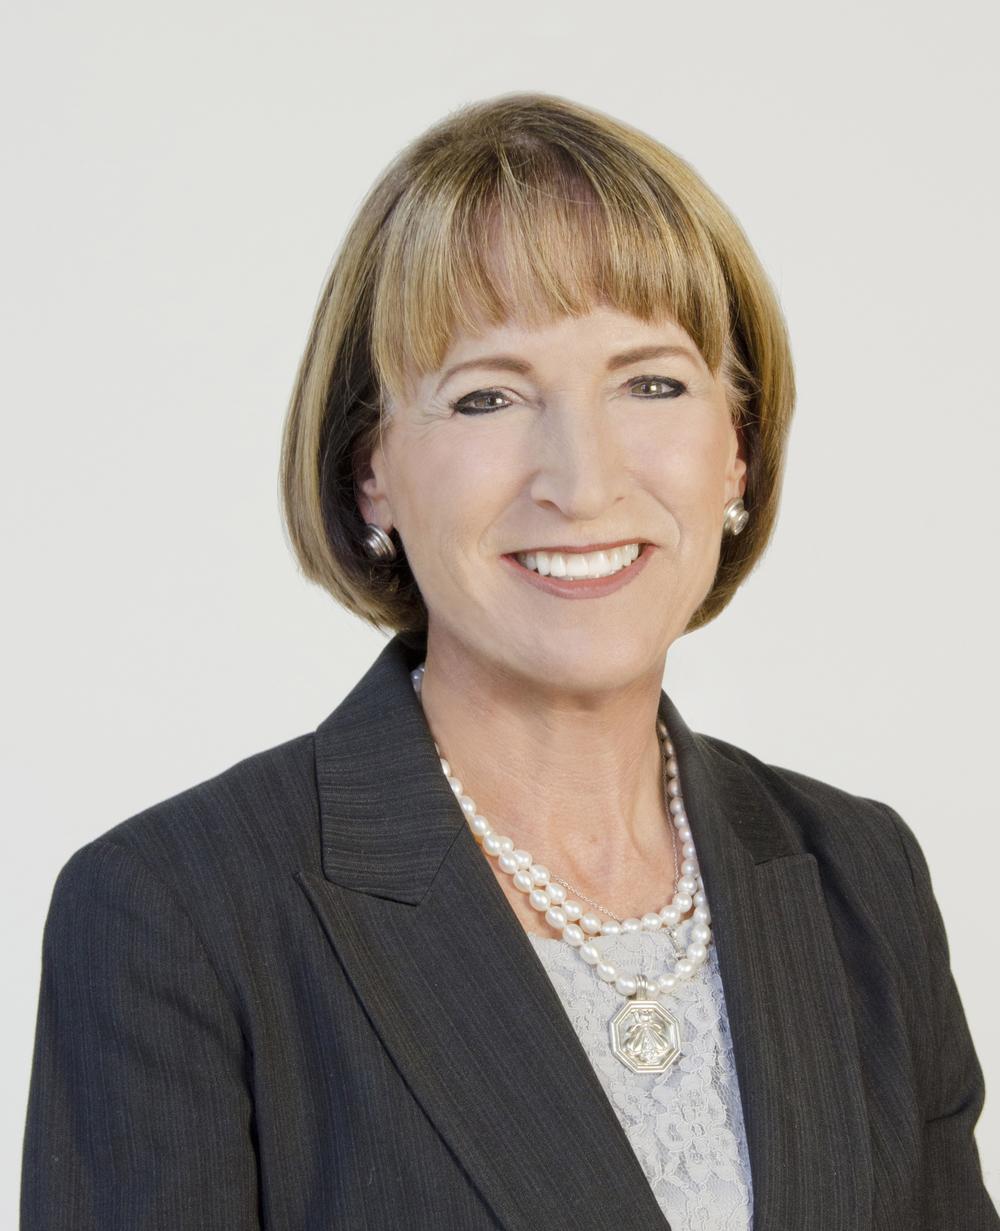 Susan Raridon Lambreth, J.D., M.B.A